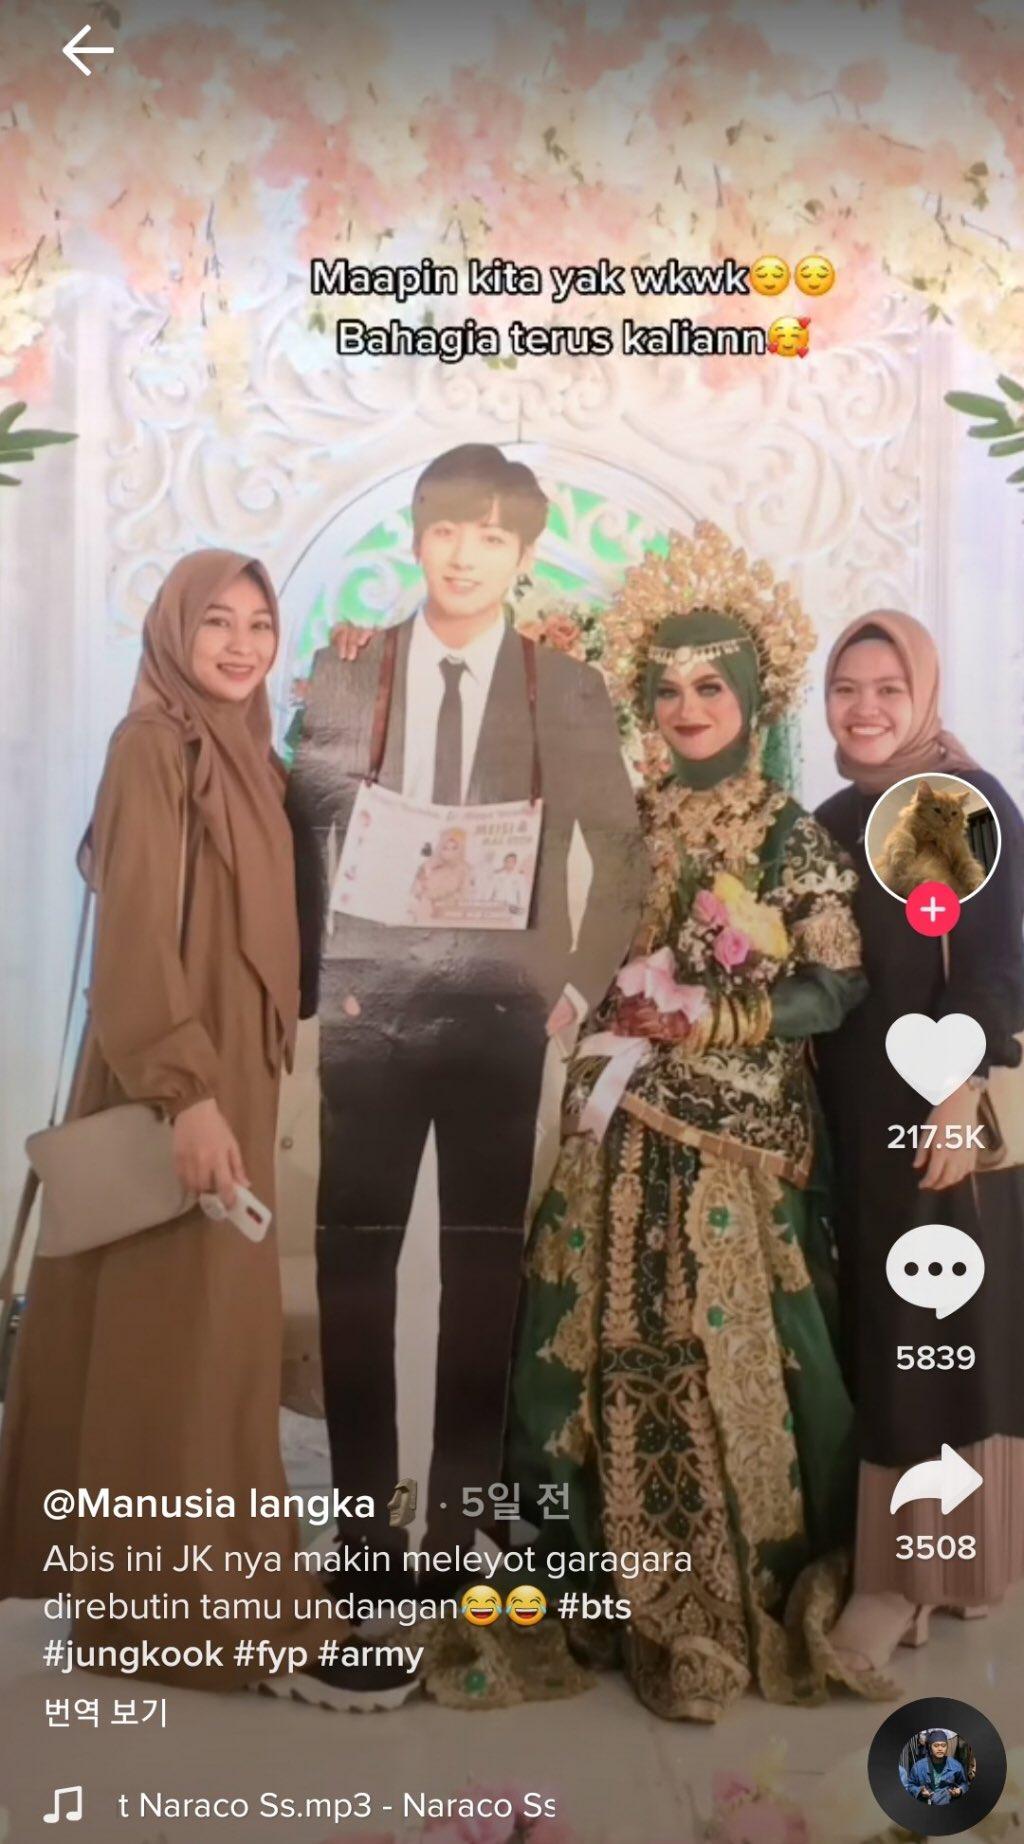 Jungkook de BTS sorprende a los internautas al 'aparecer' en una boda en Indonesia